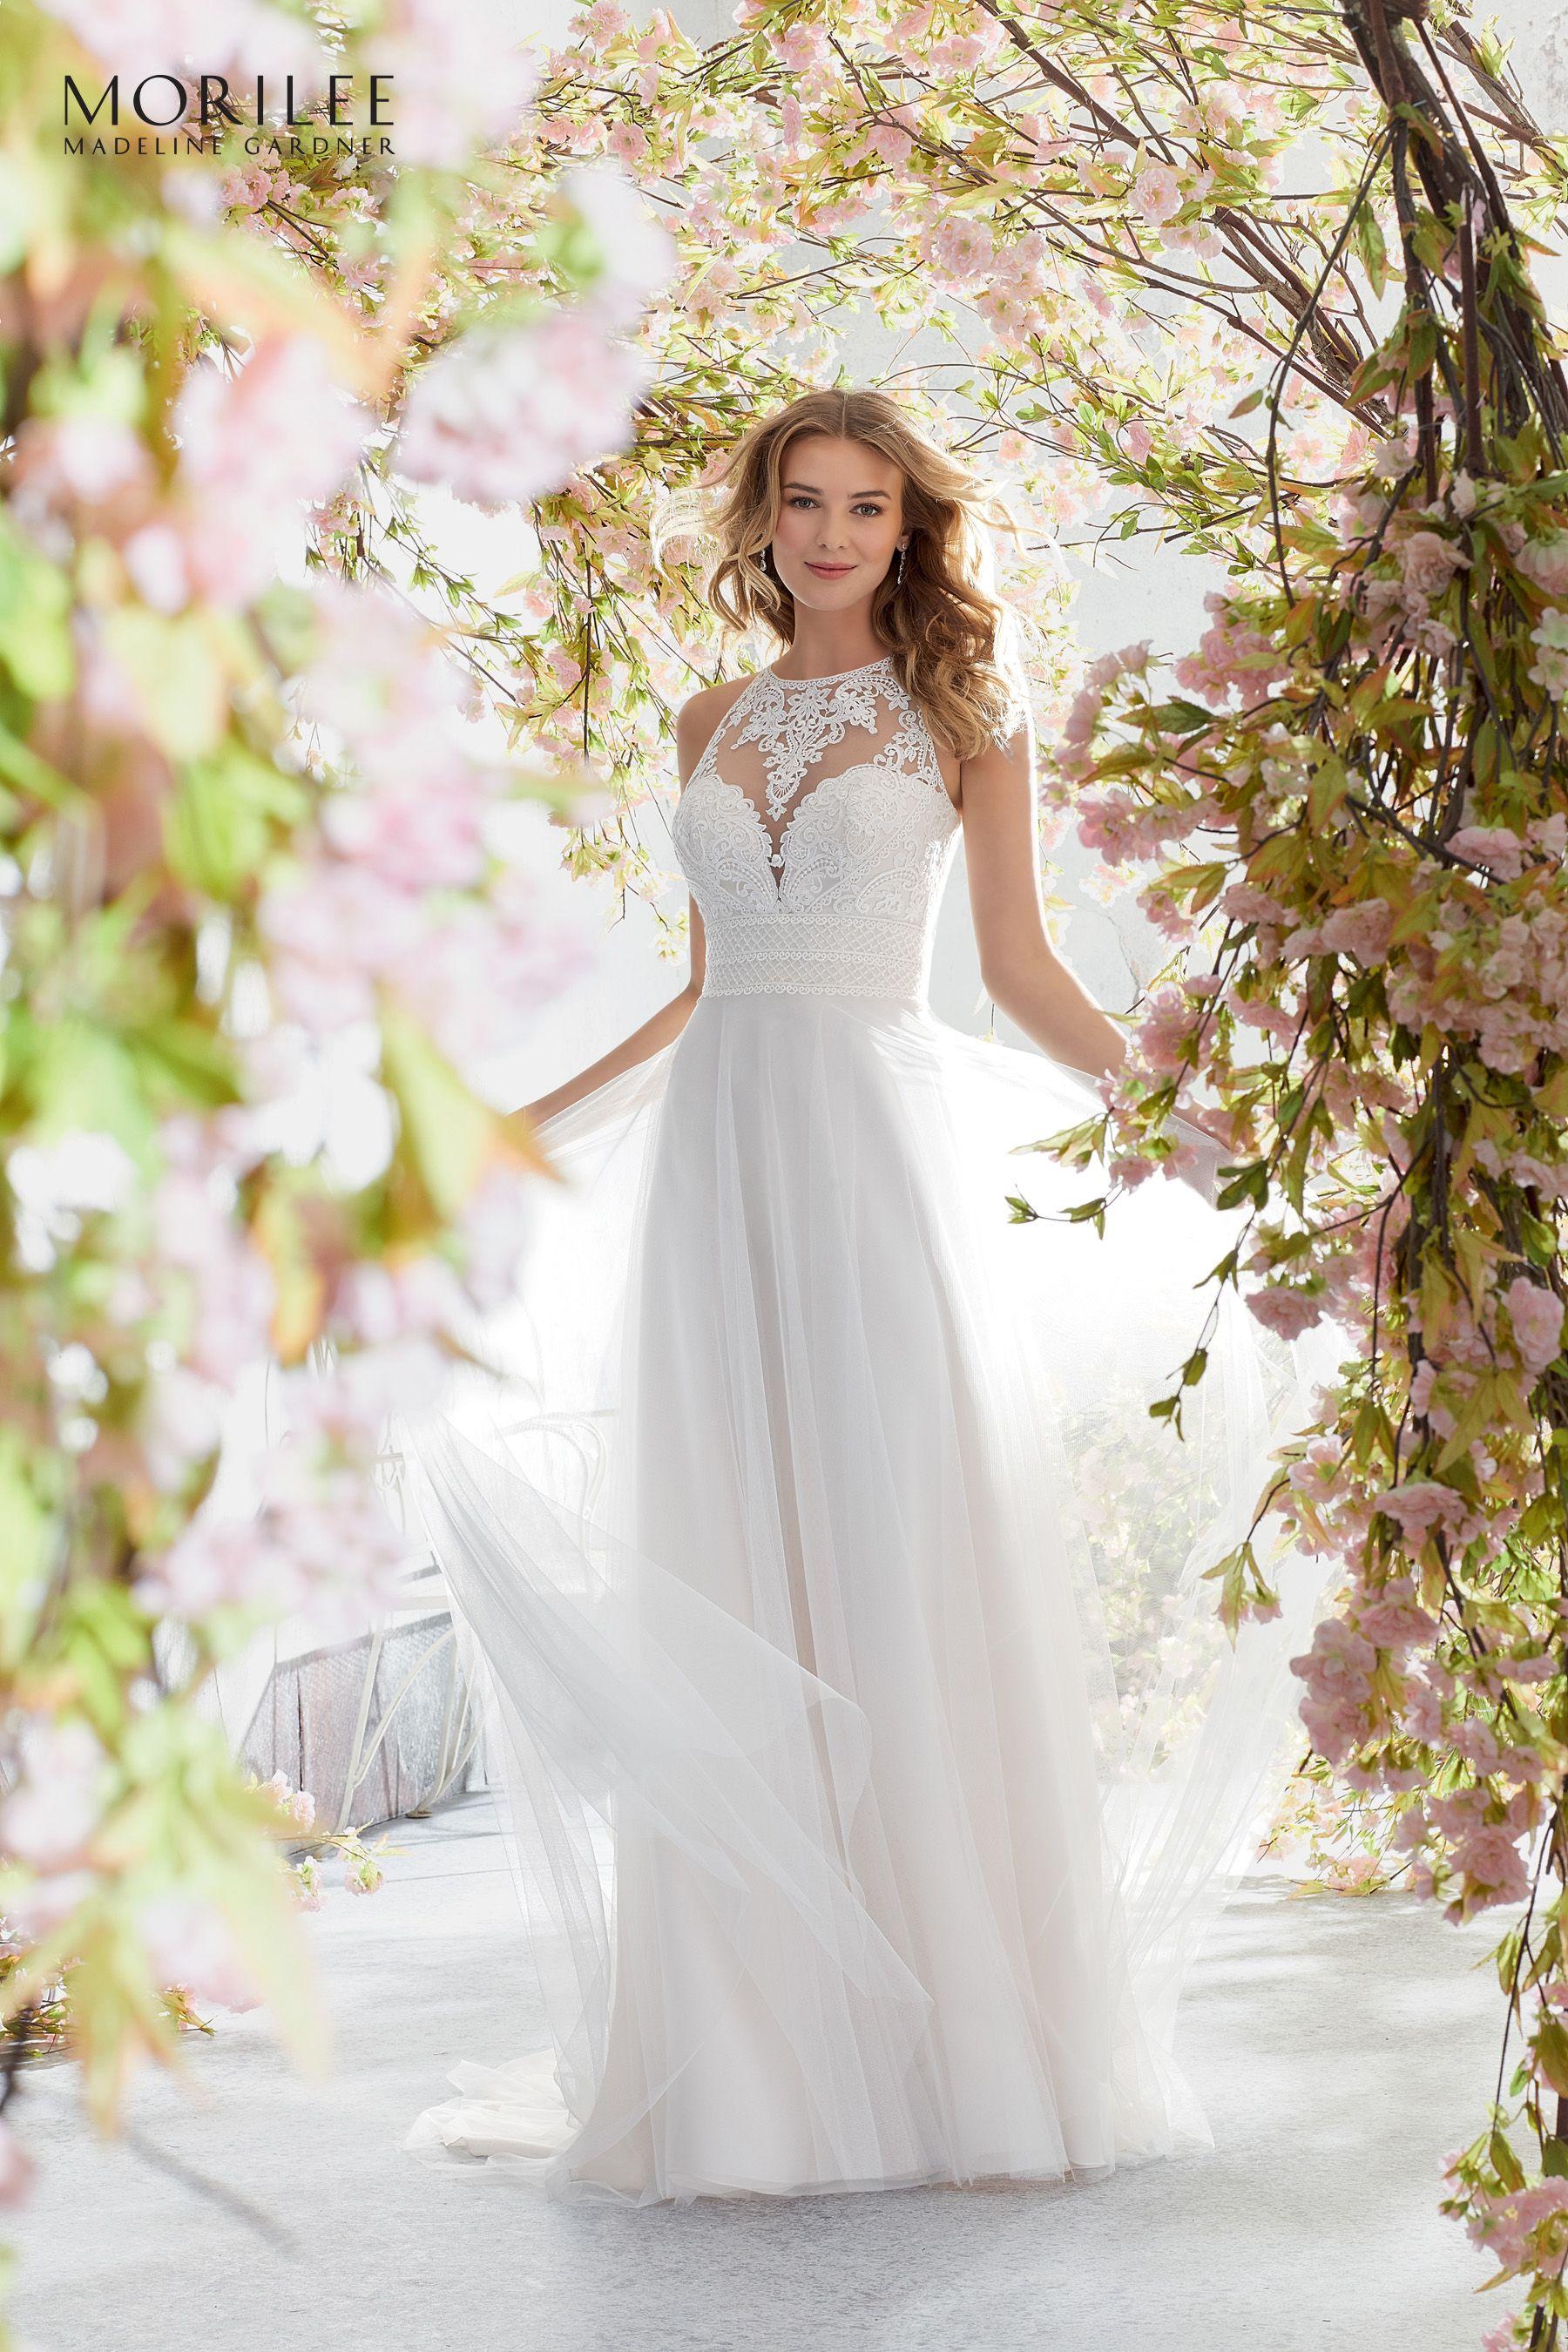 Hals lijn  Kleider hochzeit, Hochzeitskleid elfe, Hochzeitskleid